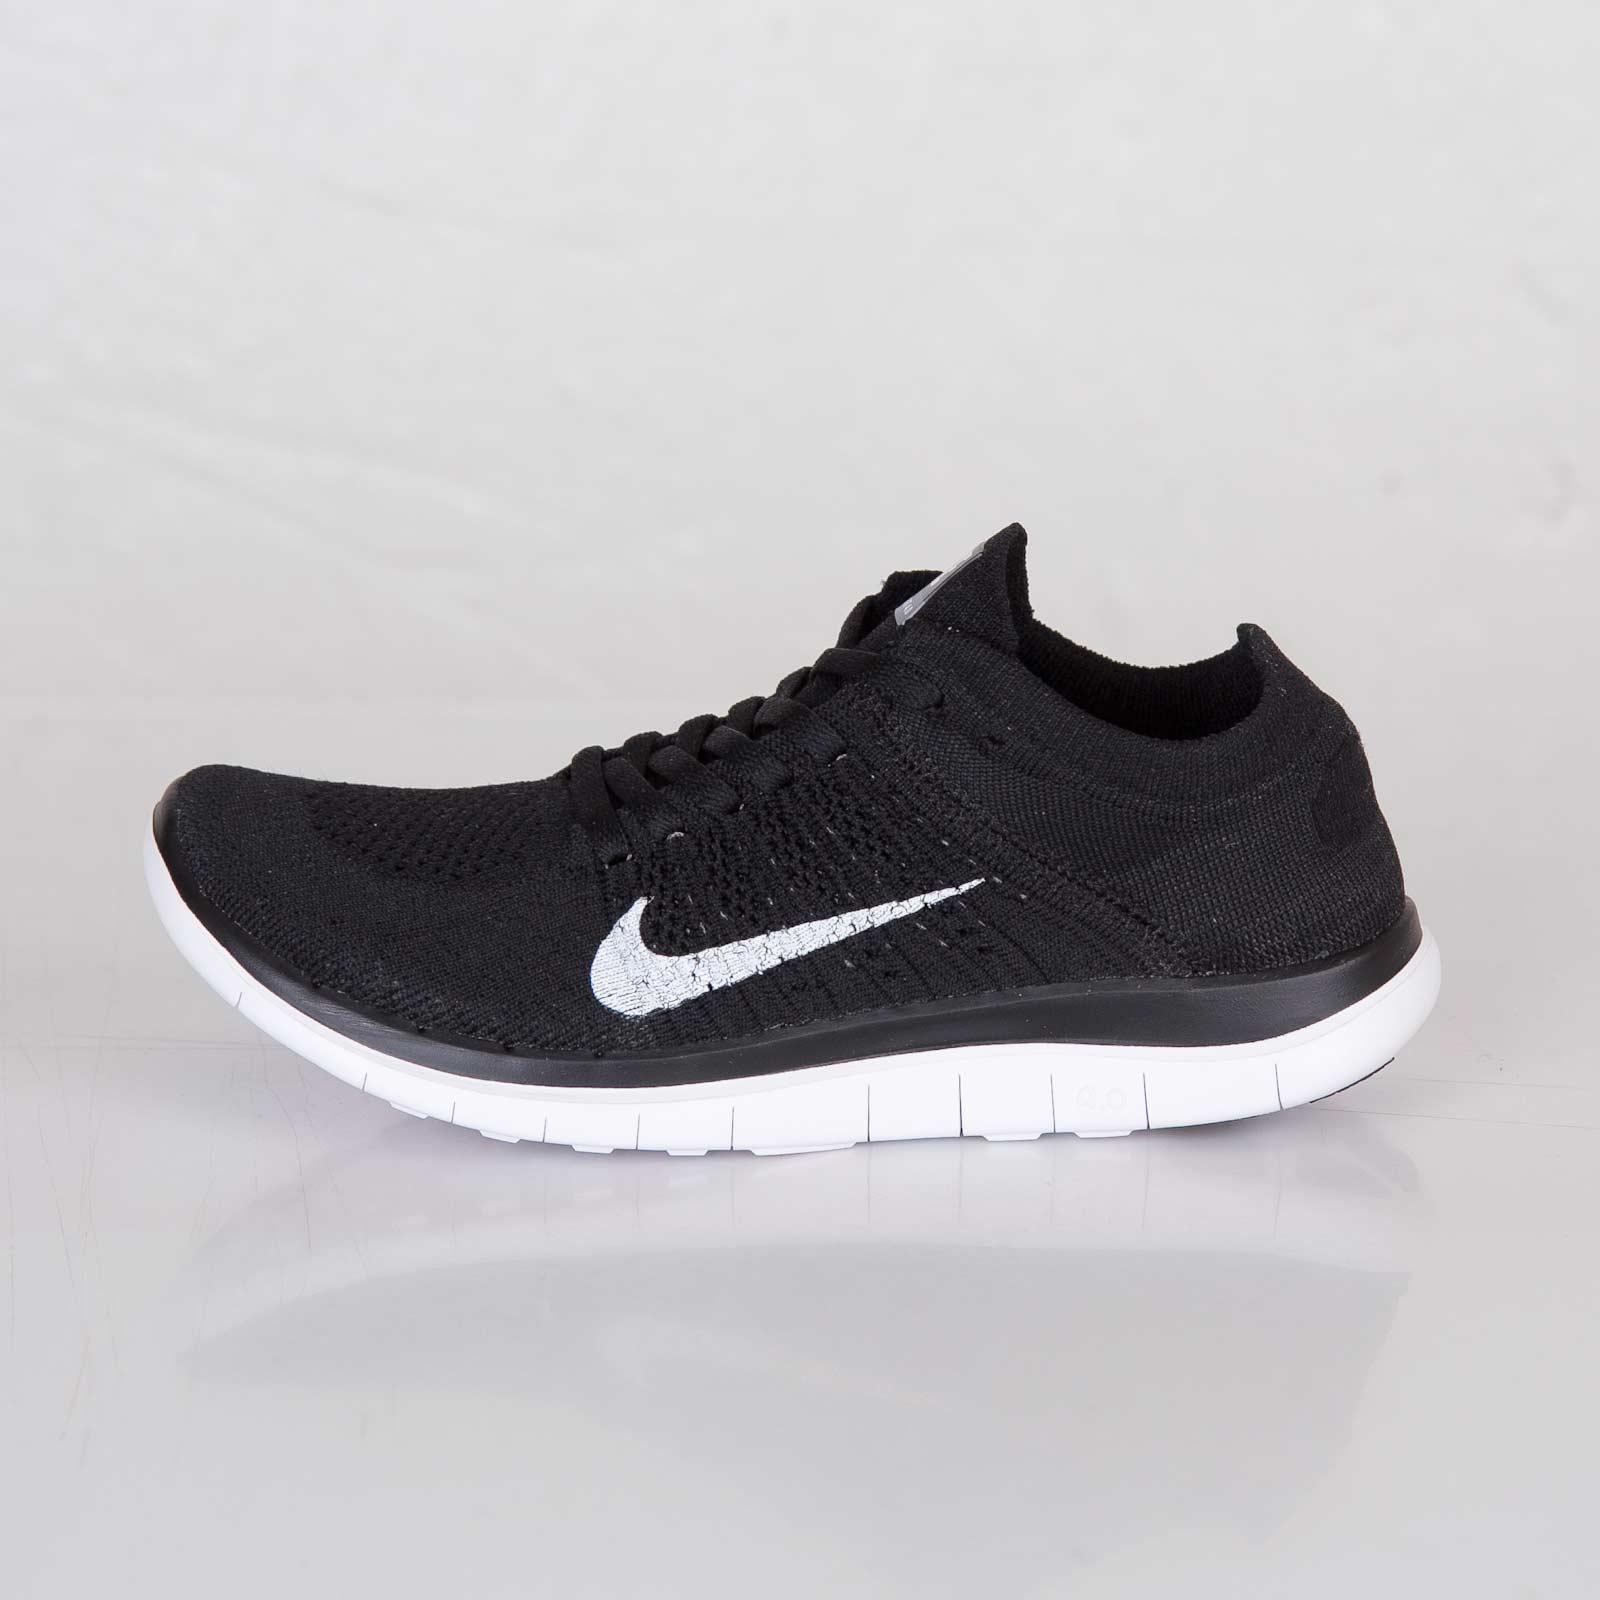 the latest 88750 5a1c0 Nike Wmns Free Flyknit 4.0 - 631050-001 - Sneakersnstuff   sneakers    streetwear online since 1999